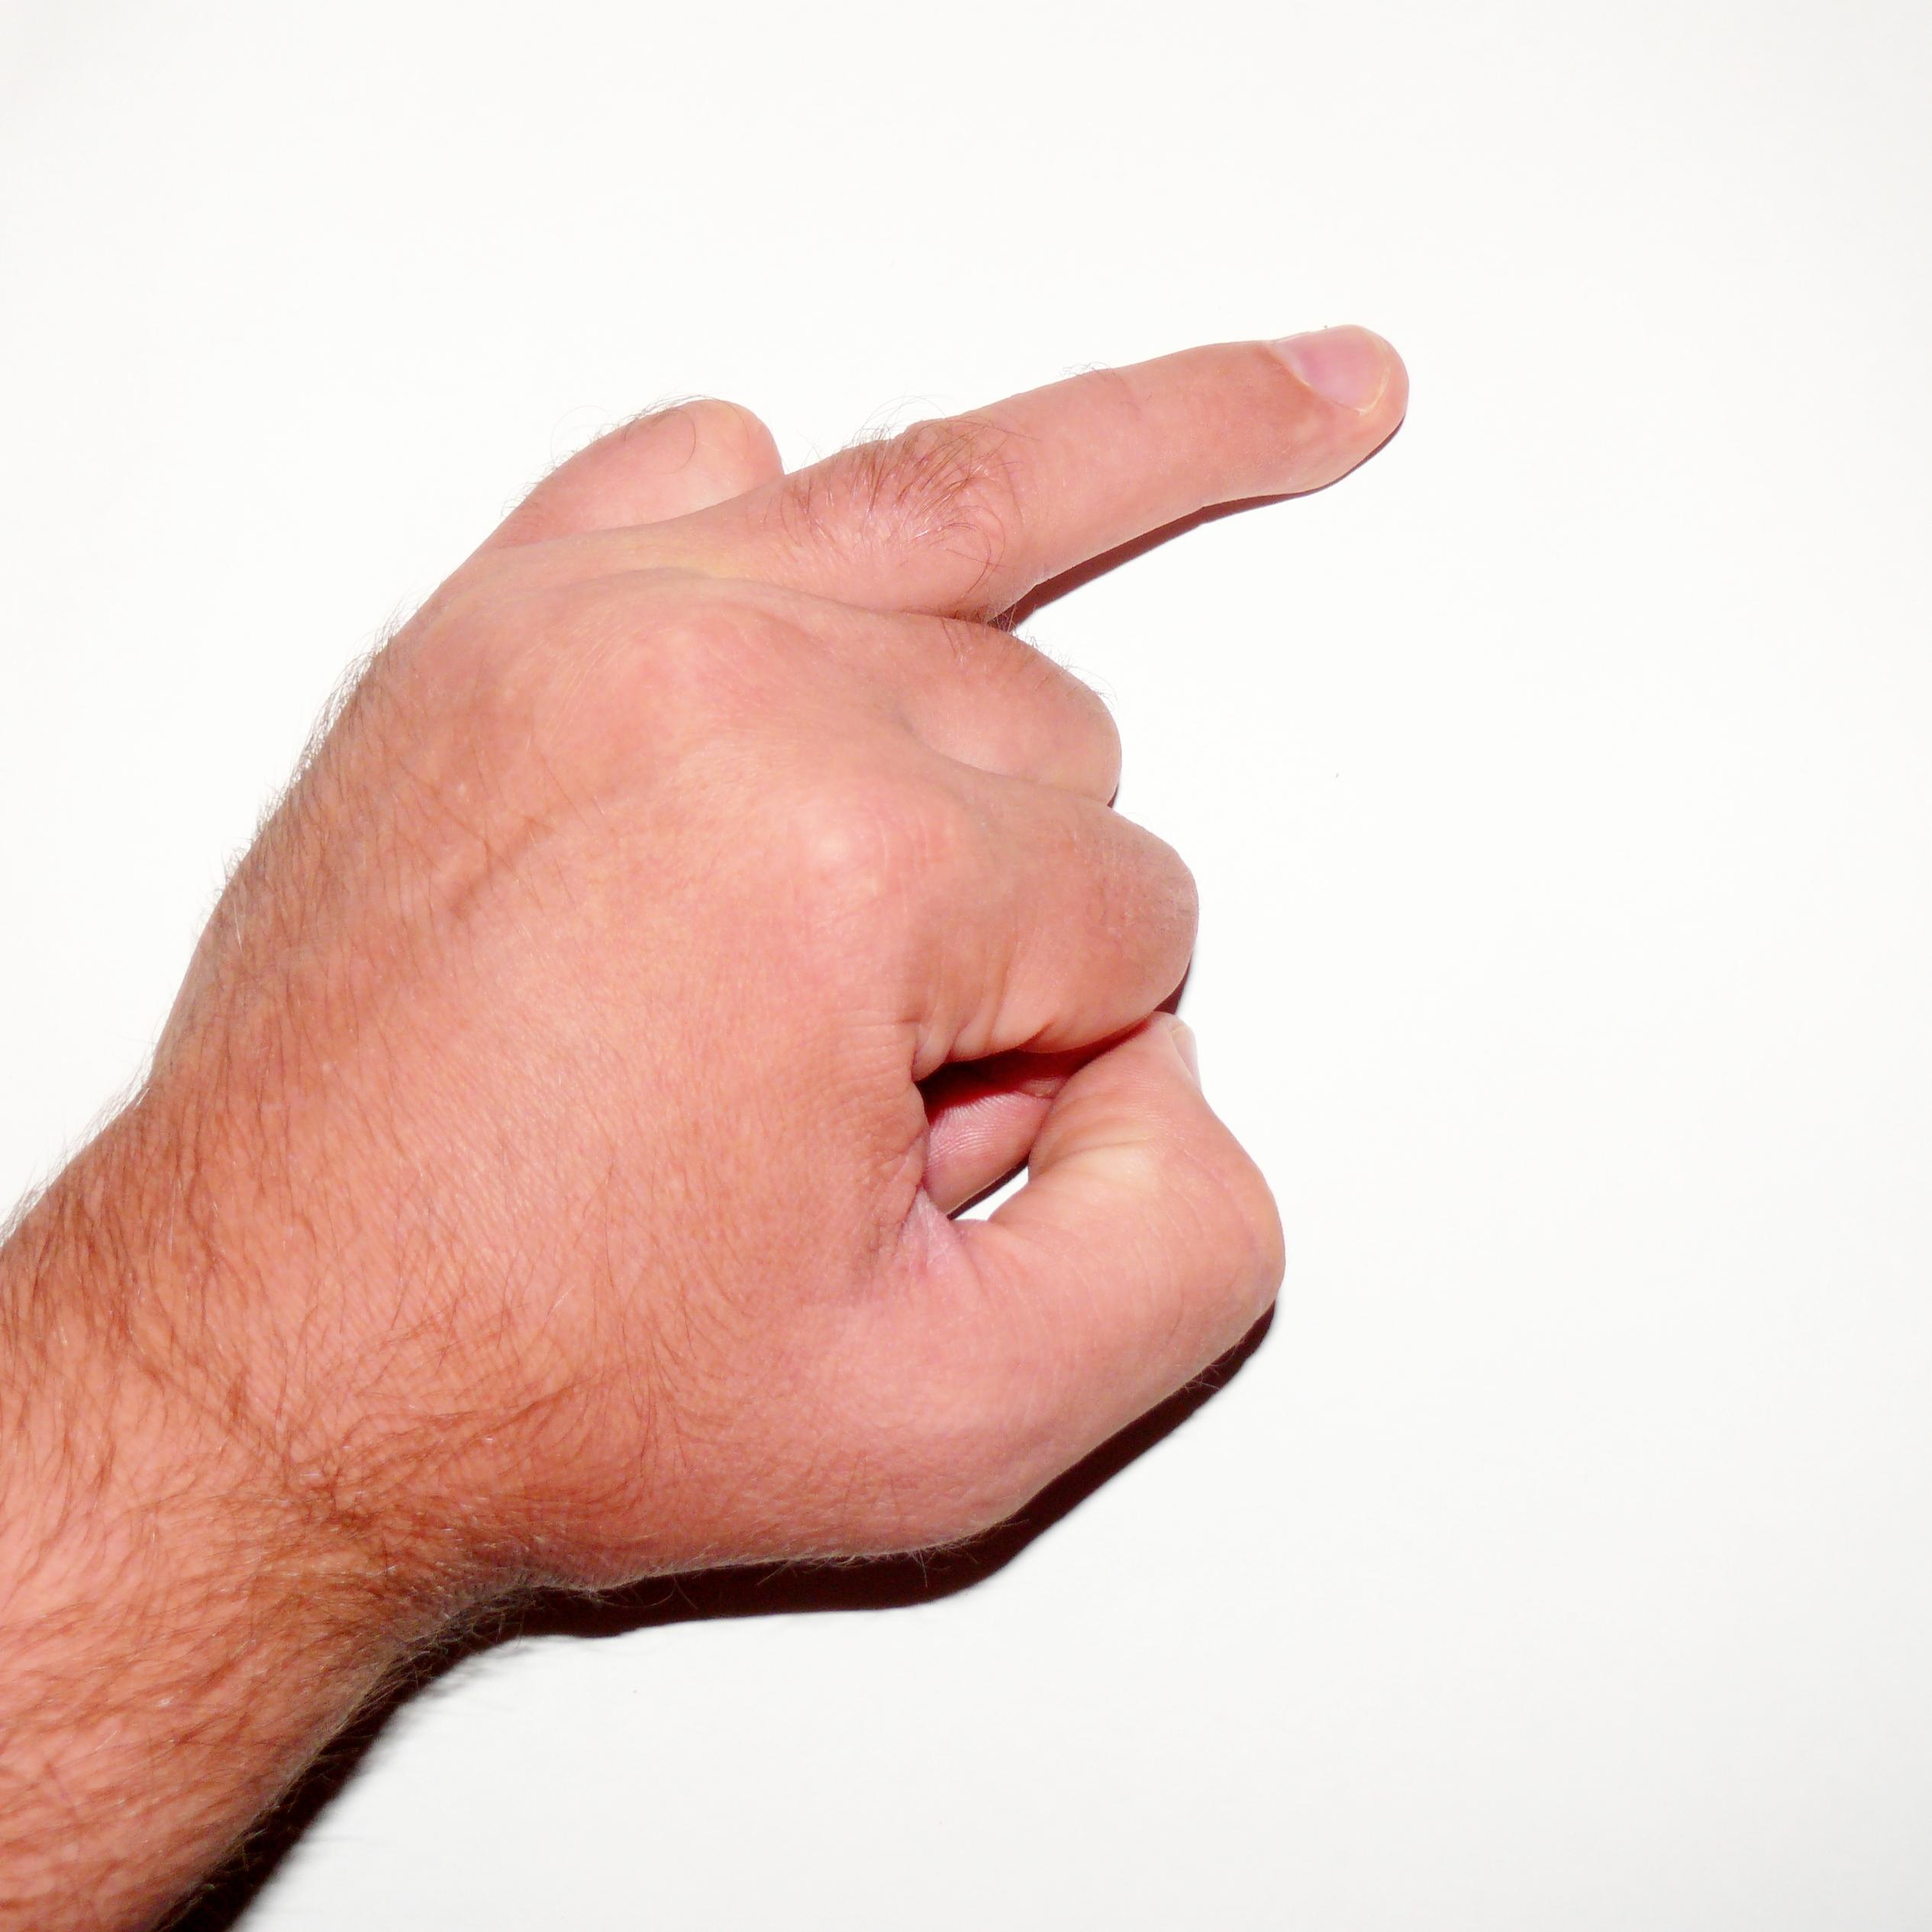 безымянный палец правой руки фото фоне покровского